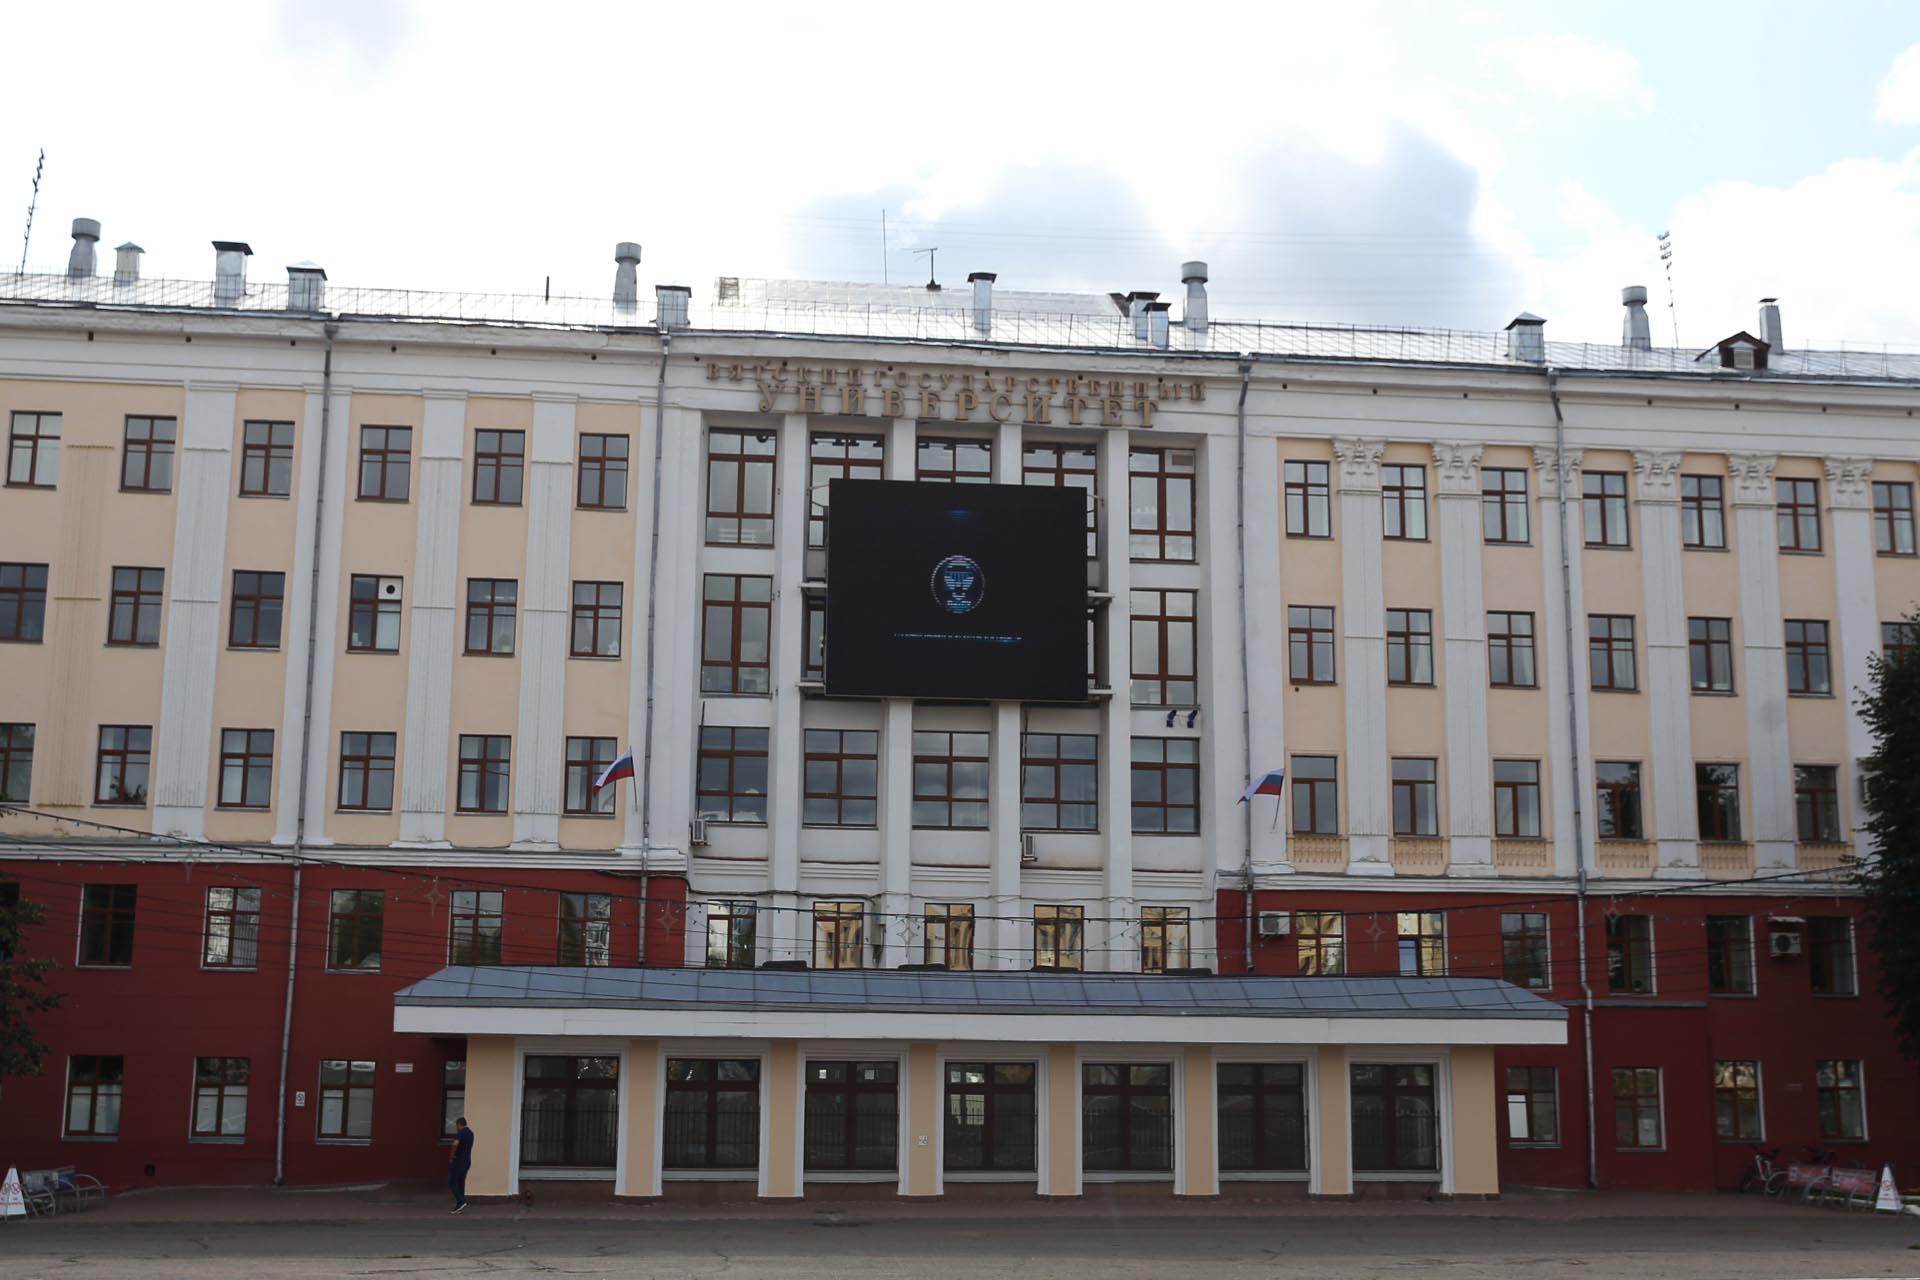 Кировчанам предлагают реализовать свои идеи по улучшению жизни в городе и регионе